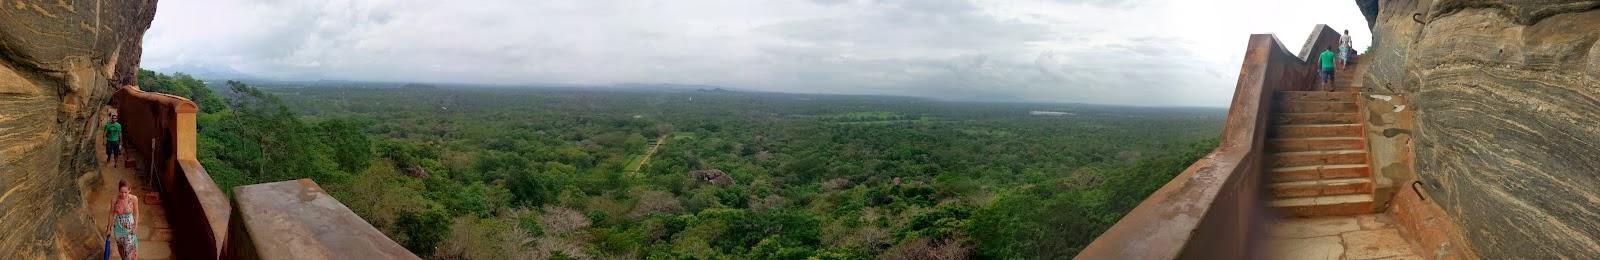 Панорамная фотография, вид с зеркальной стены на подножие скалы, Сигирия, Шри-Ланка, джунгли